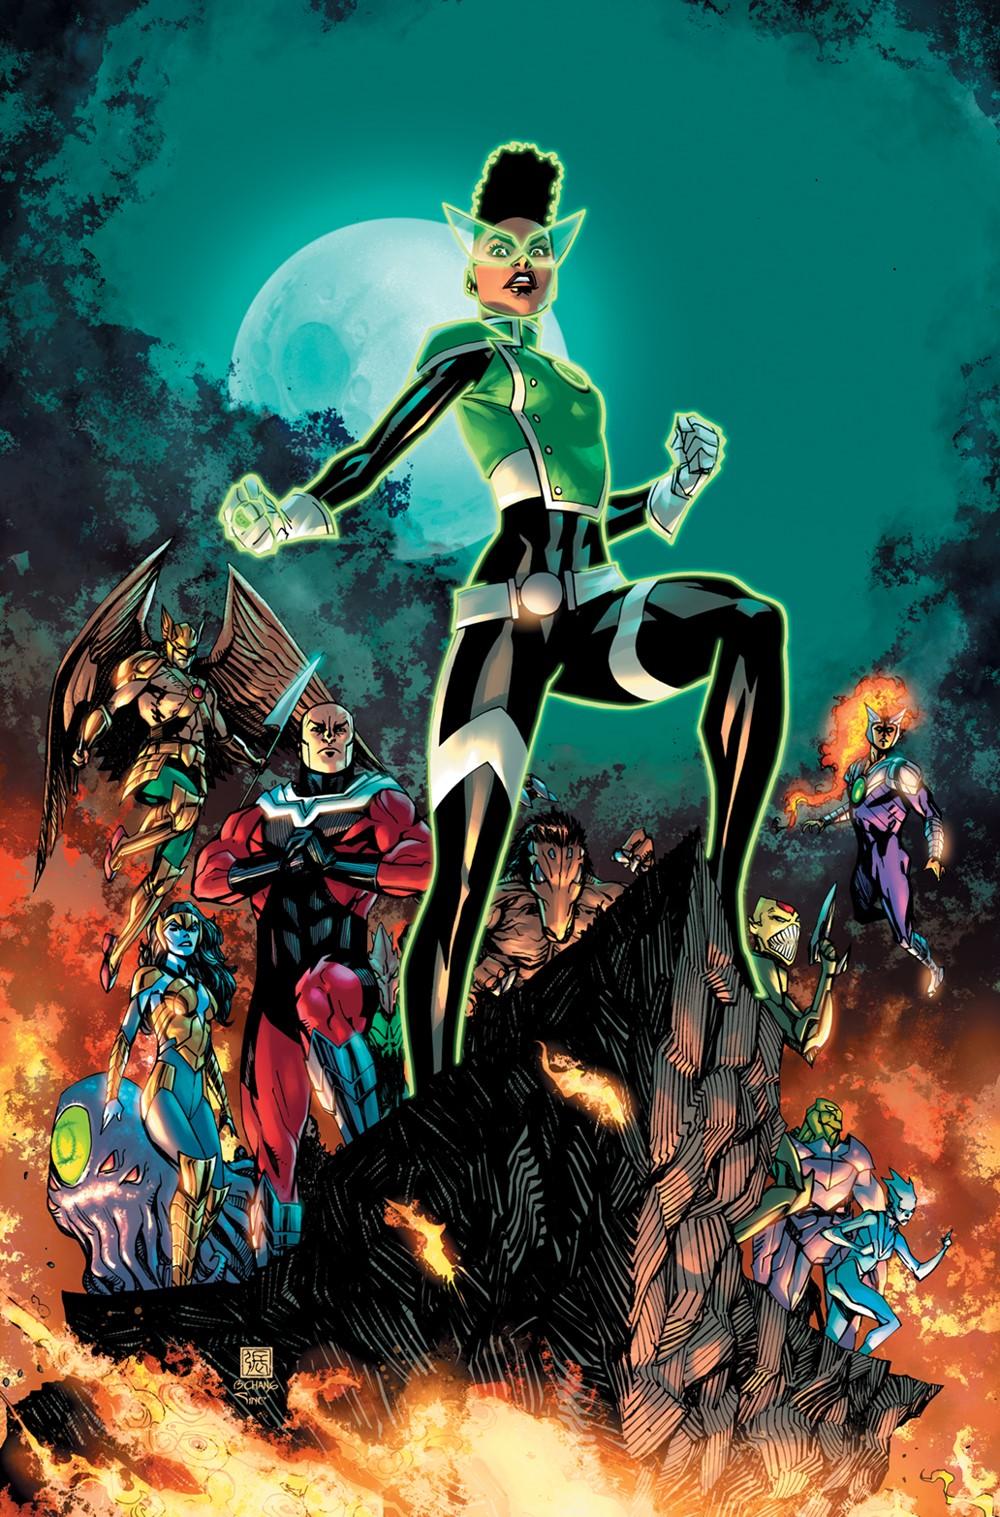 GL_Cv9 DC Comics December 2021 Solicitations